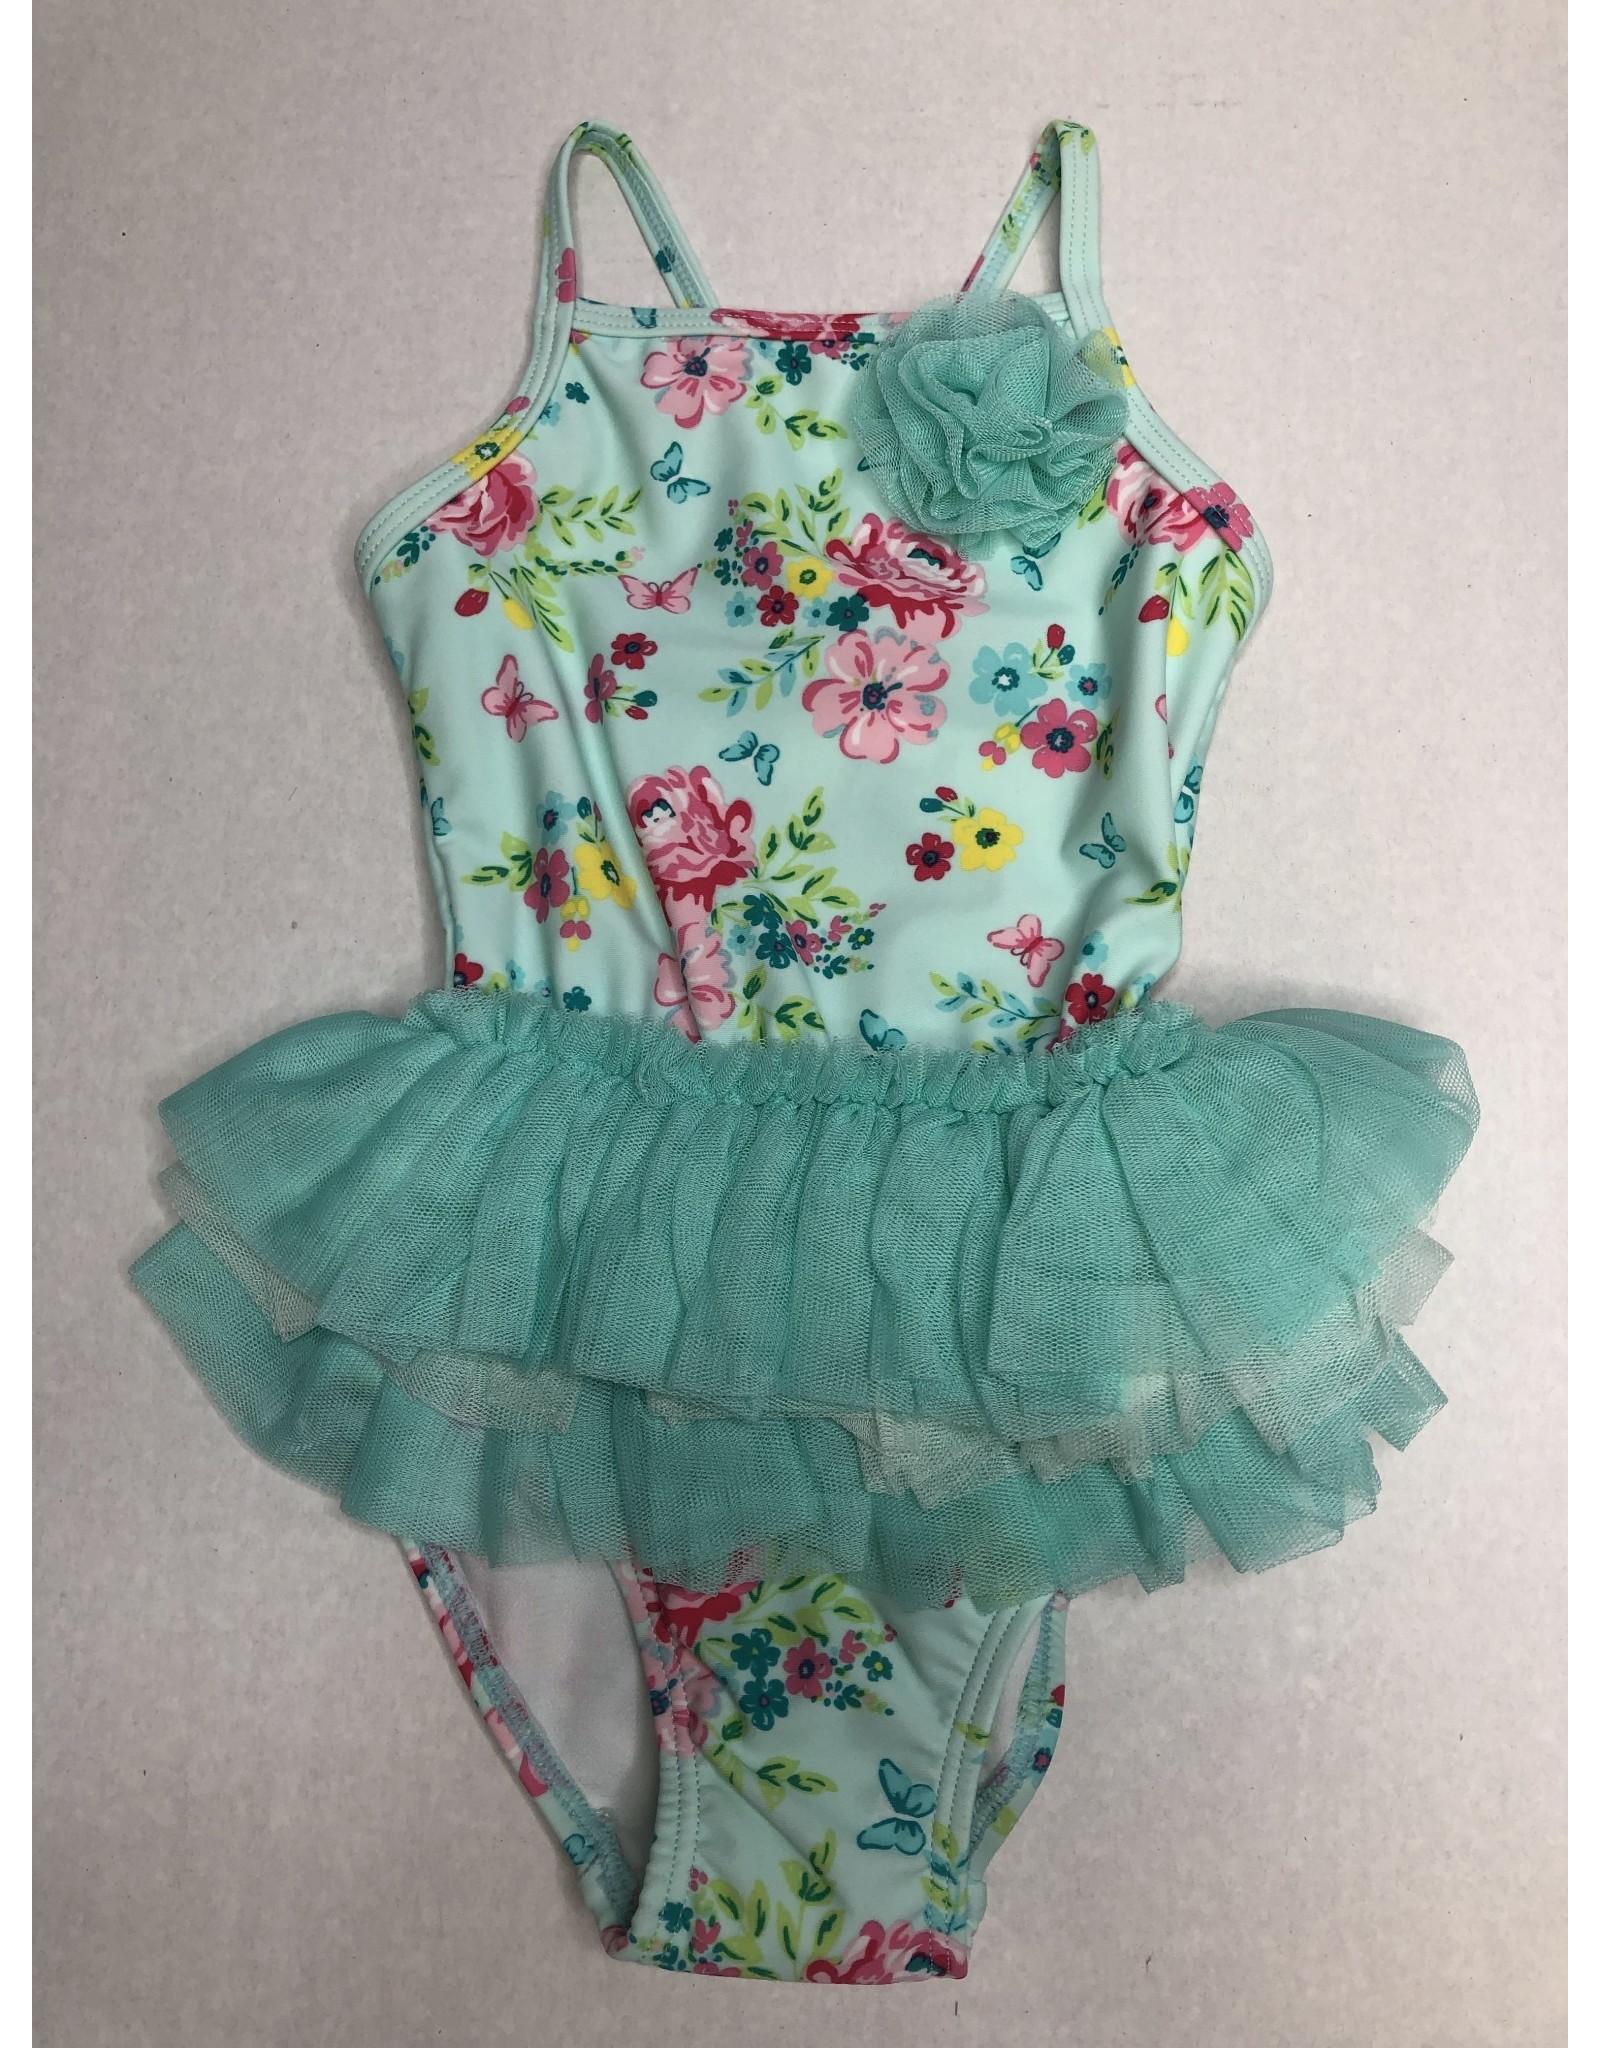 Little Me Aqua Floral Swimsuit 24M